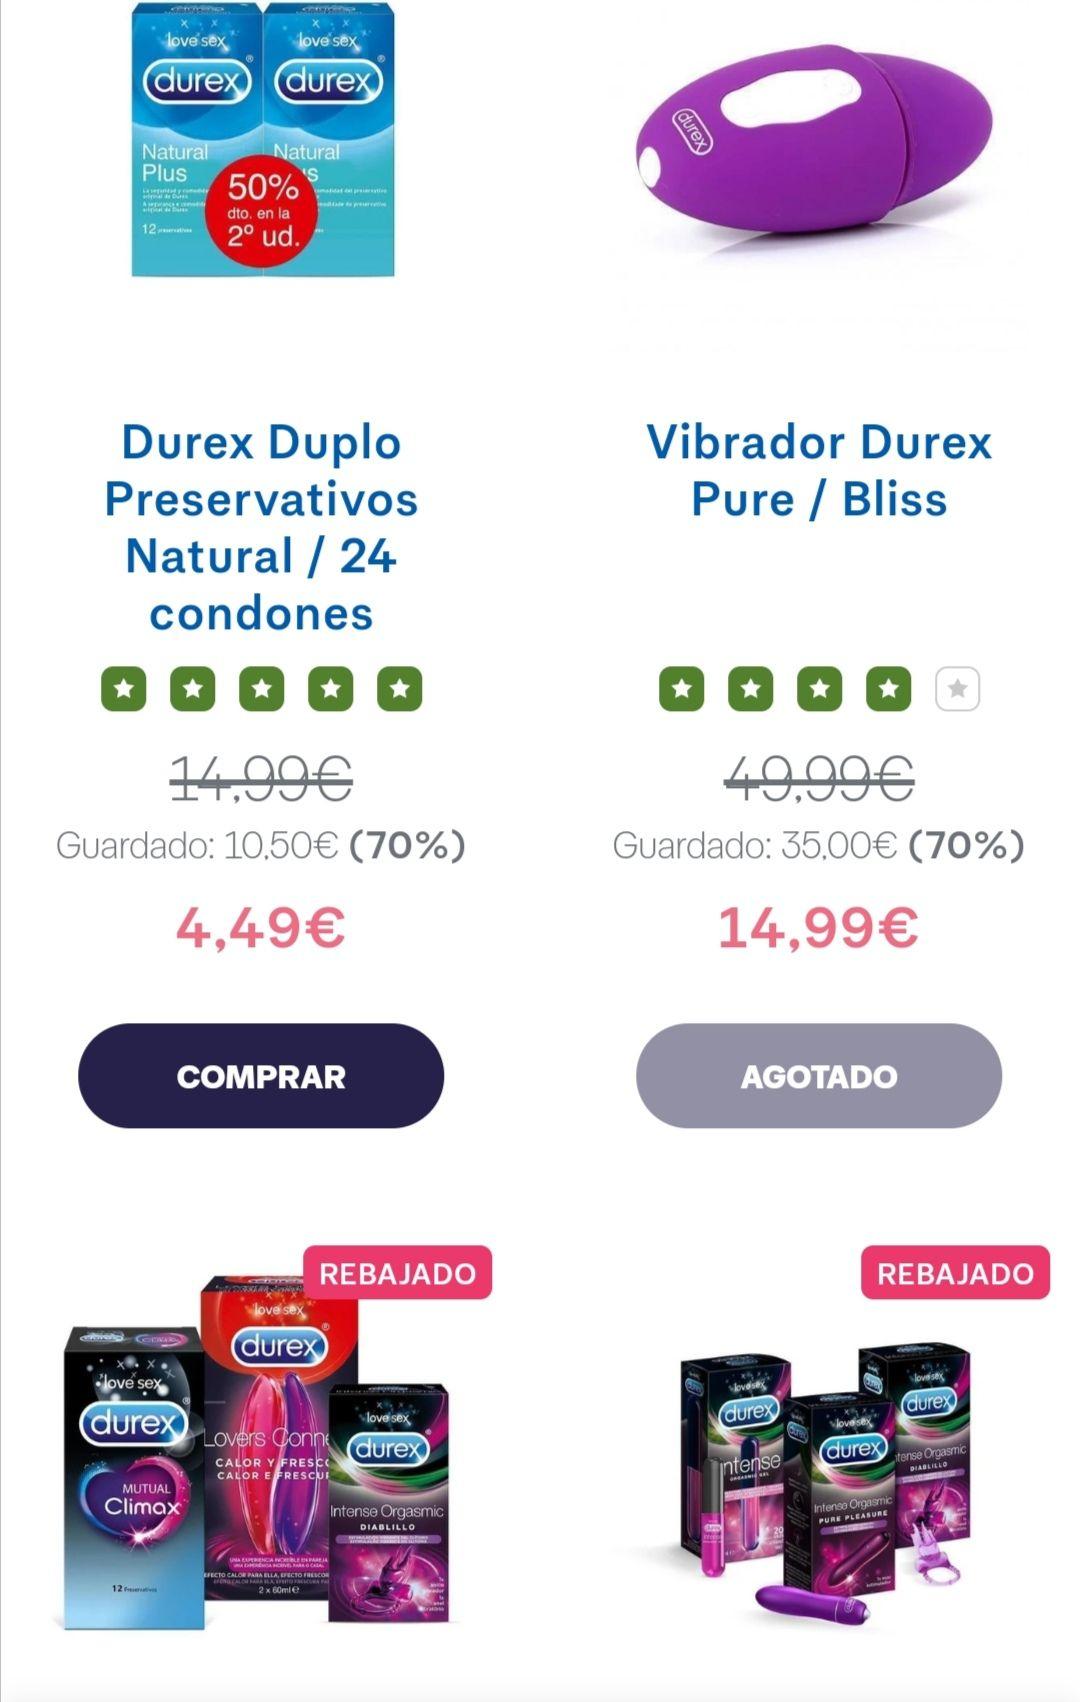 Ofertas de verano Durex hasta el 70 % dto en artículos